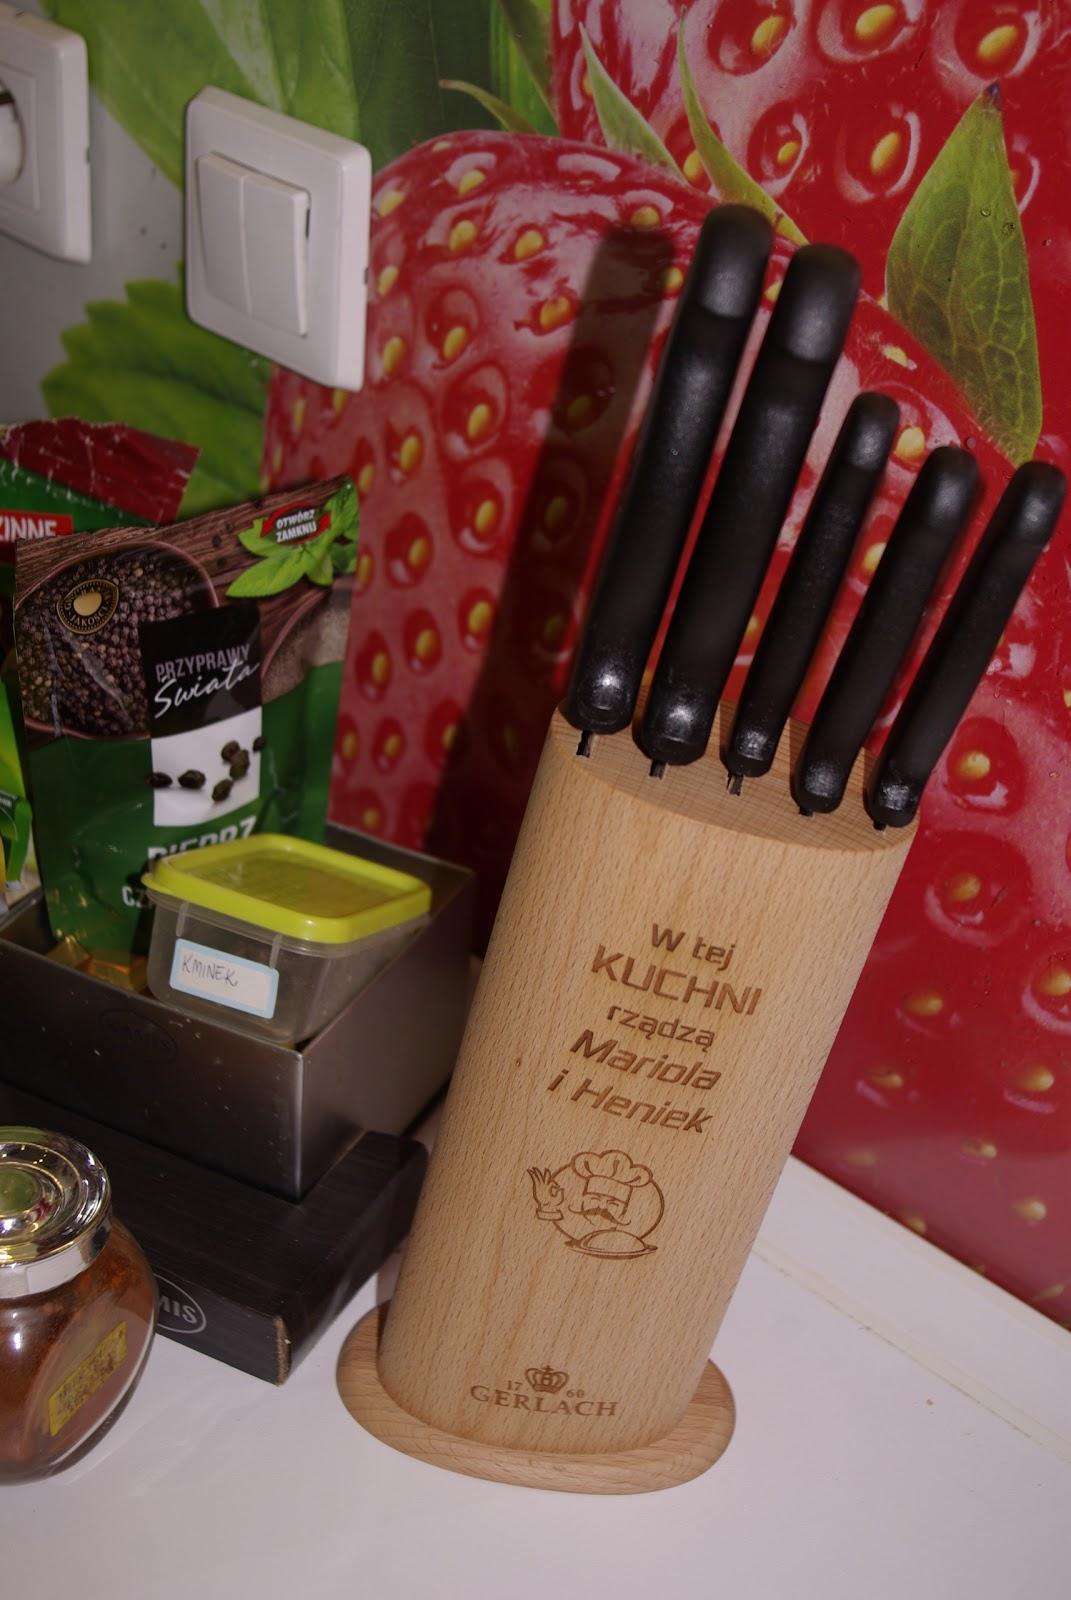 Zestaw noży kuchennych Gerlach - idealne na prezent.